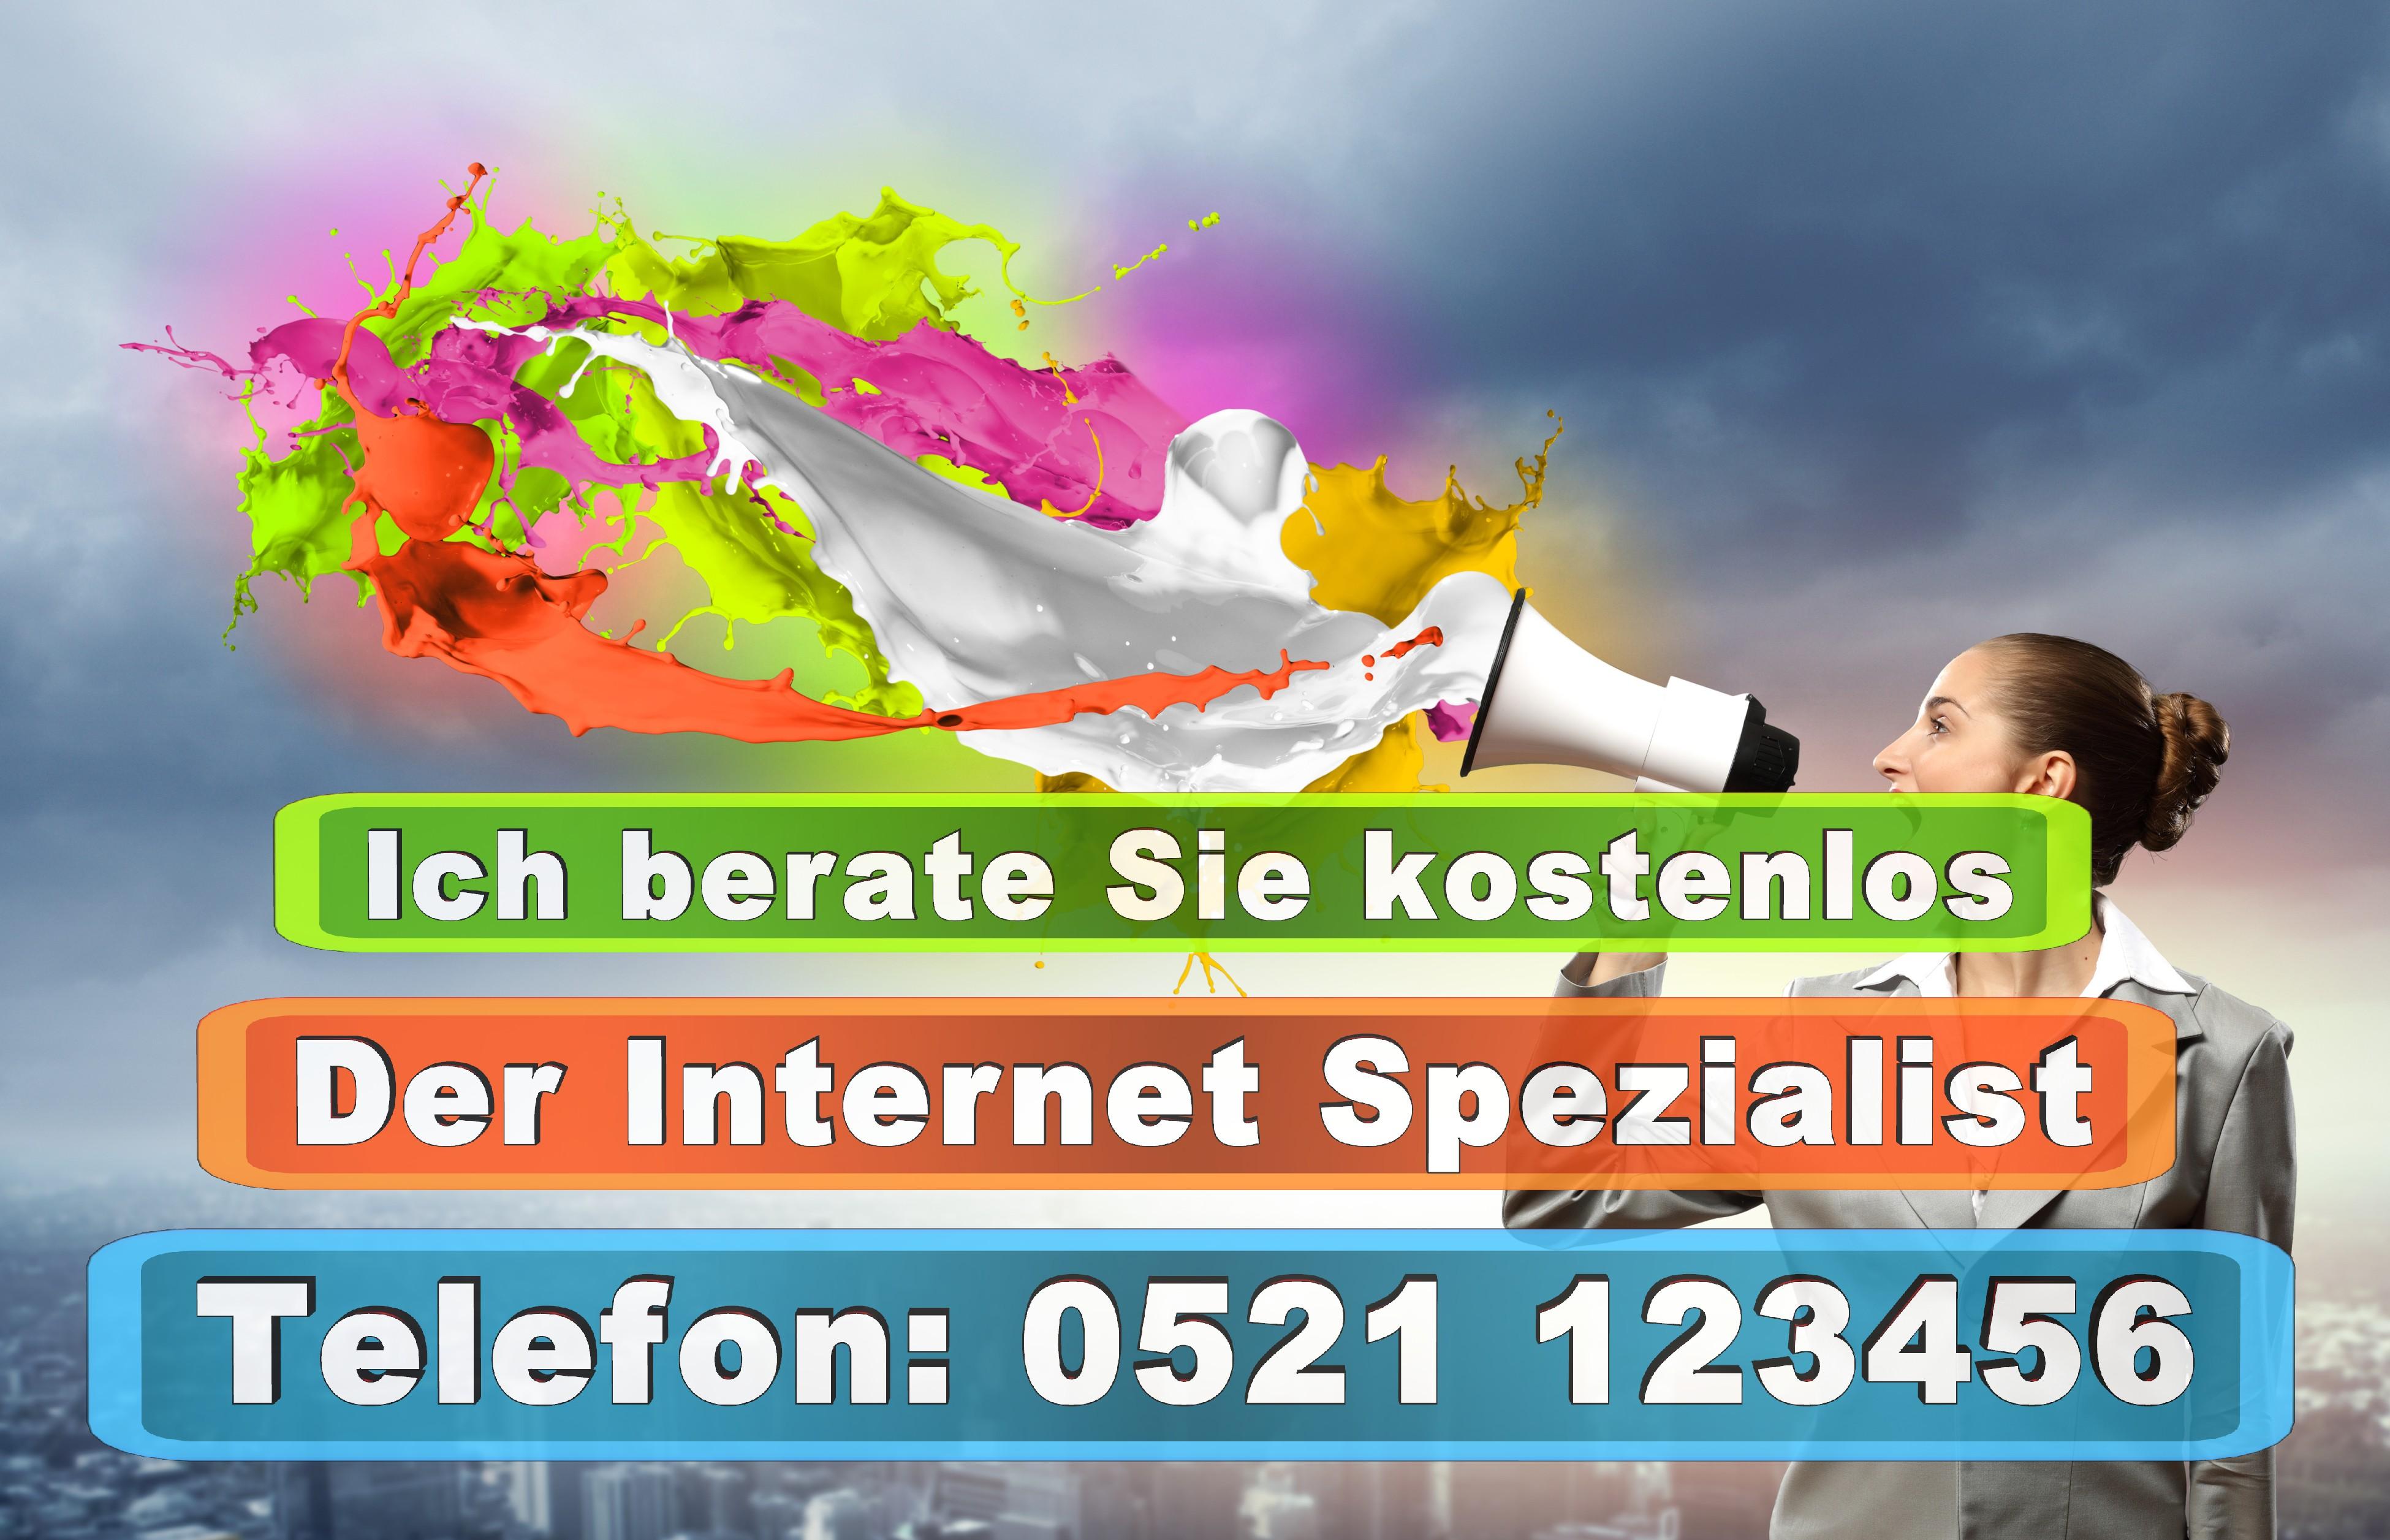 Bielefeld Werbeagenturen Druckereien Werbeplakate Print Druck Internet Computer Grafiker Designer Mode Geschäfte Bekleidung (8)